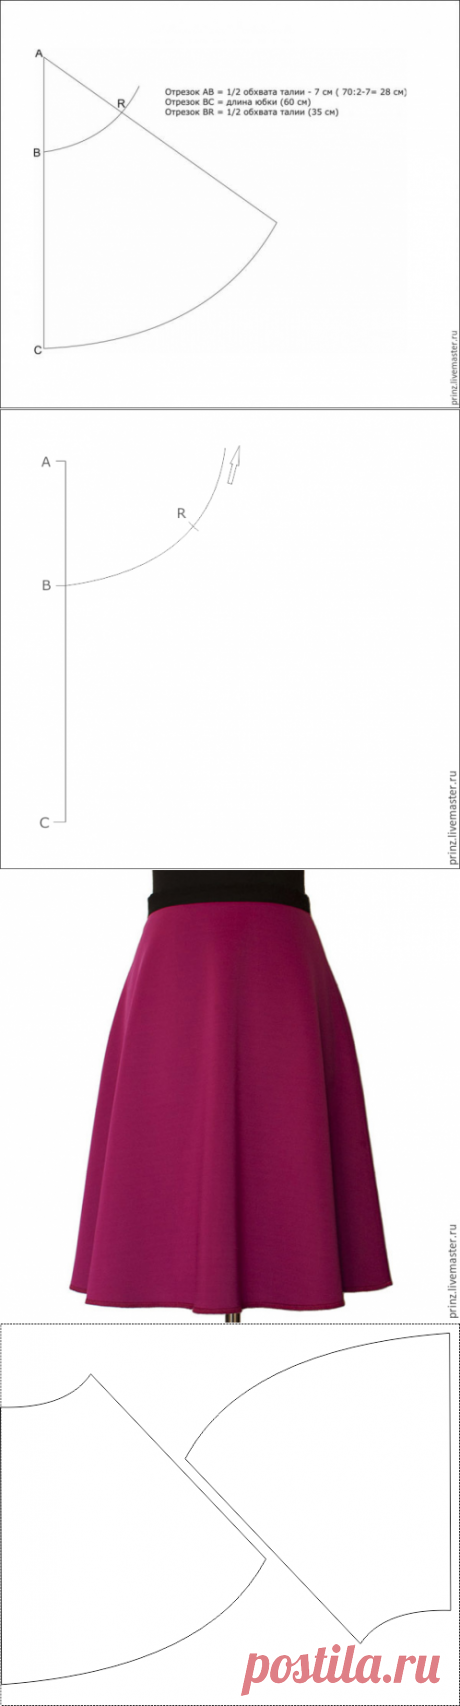 Выкройка модной юбки за 10 минут - Ярмарка Мастеров - ручная работа, handmade